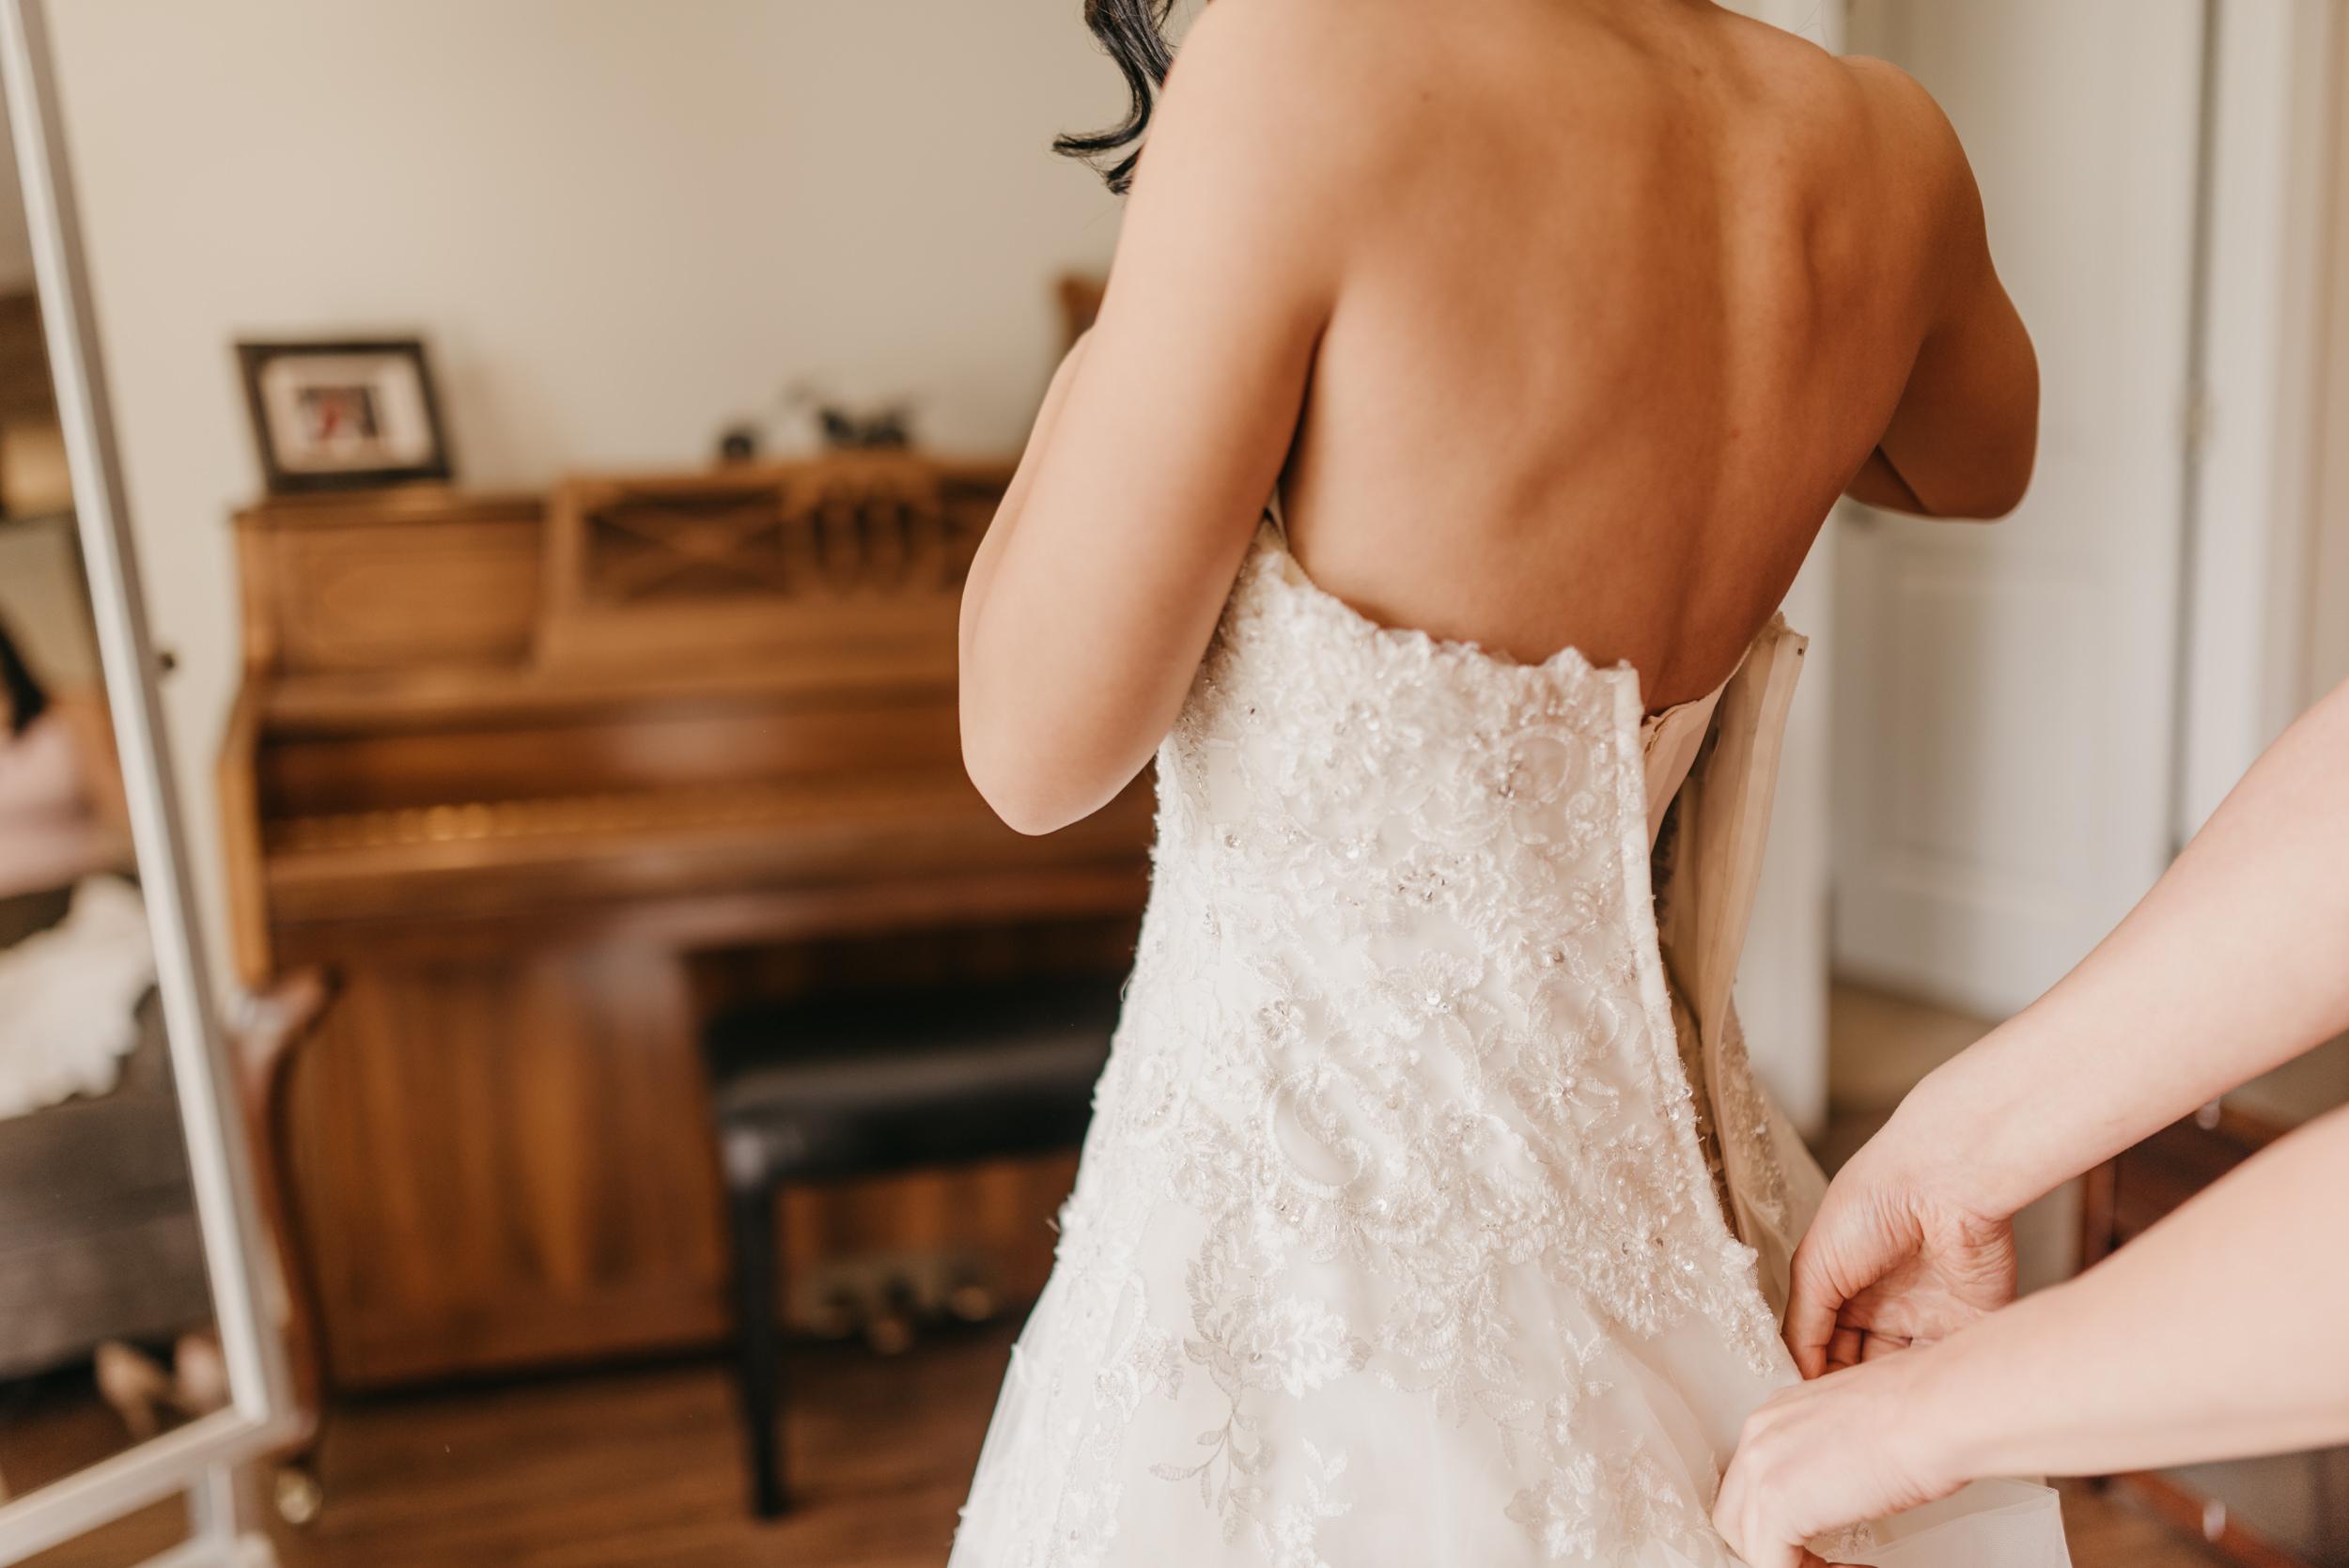 13-bride-getting-ready-groom-bridesmaids-6995.jpg